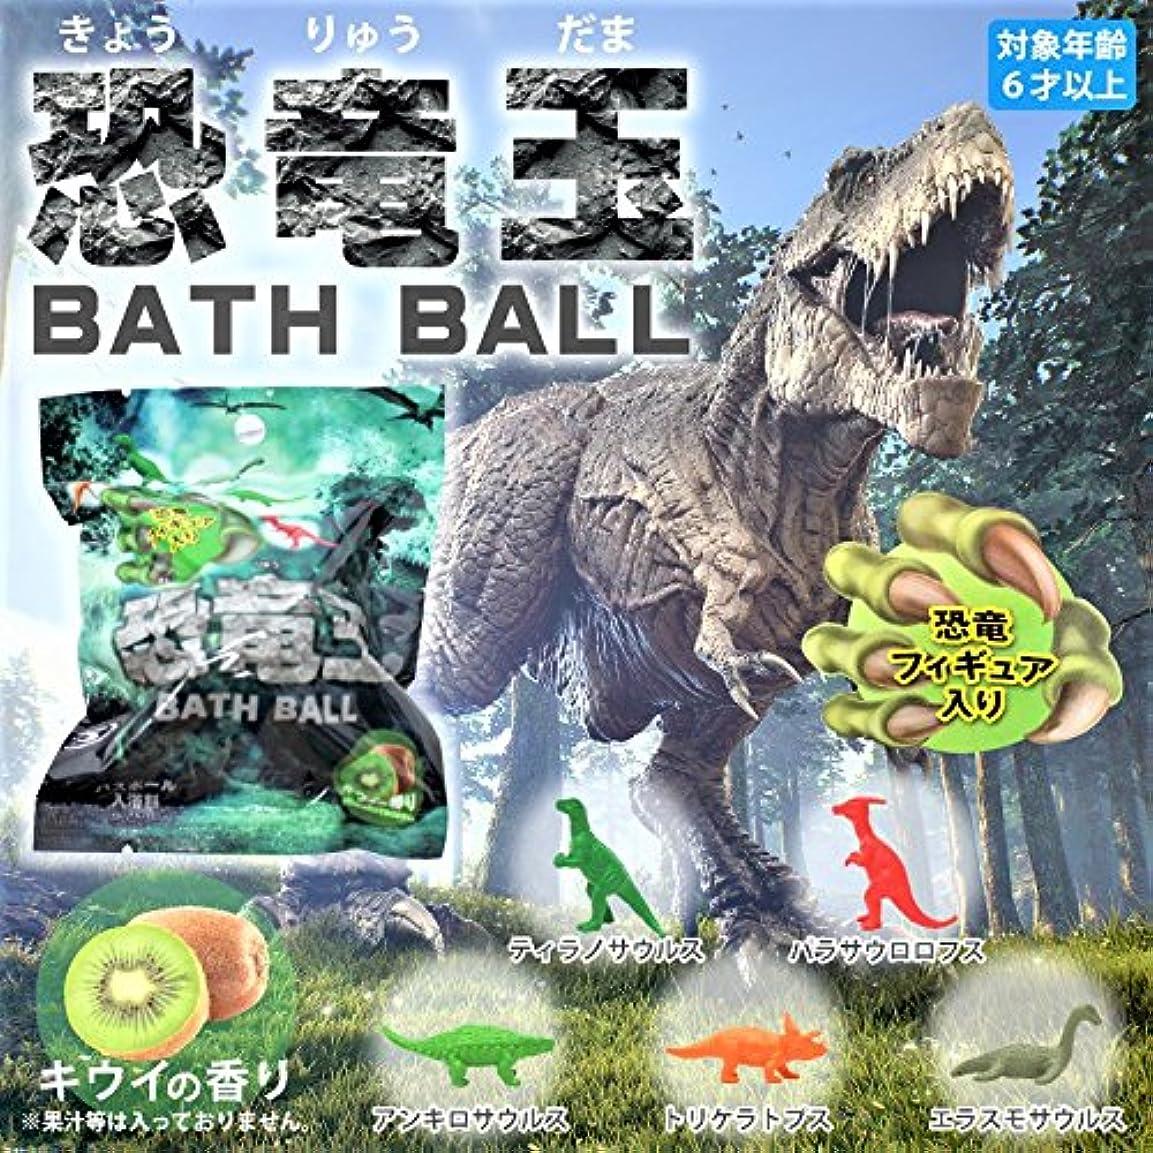 踏み台ベギン運命的な恐竜玉バスボール 6個1セット キウイの香り 恐竜フィギュア入りバスボール 入浴剤